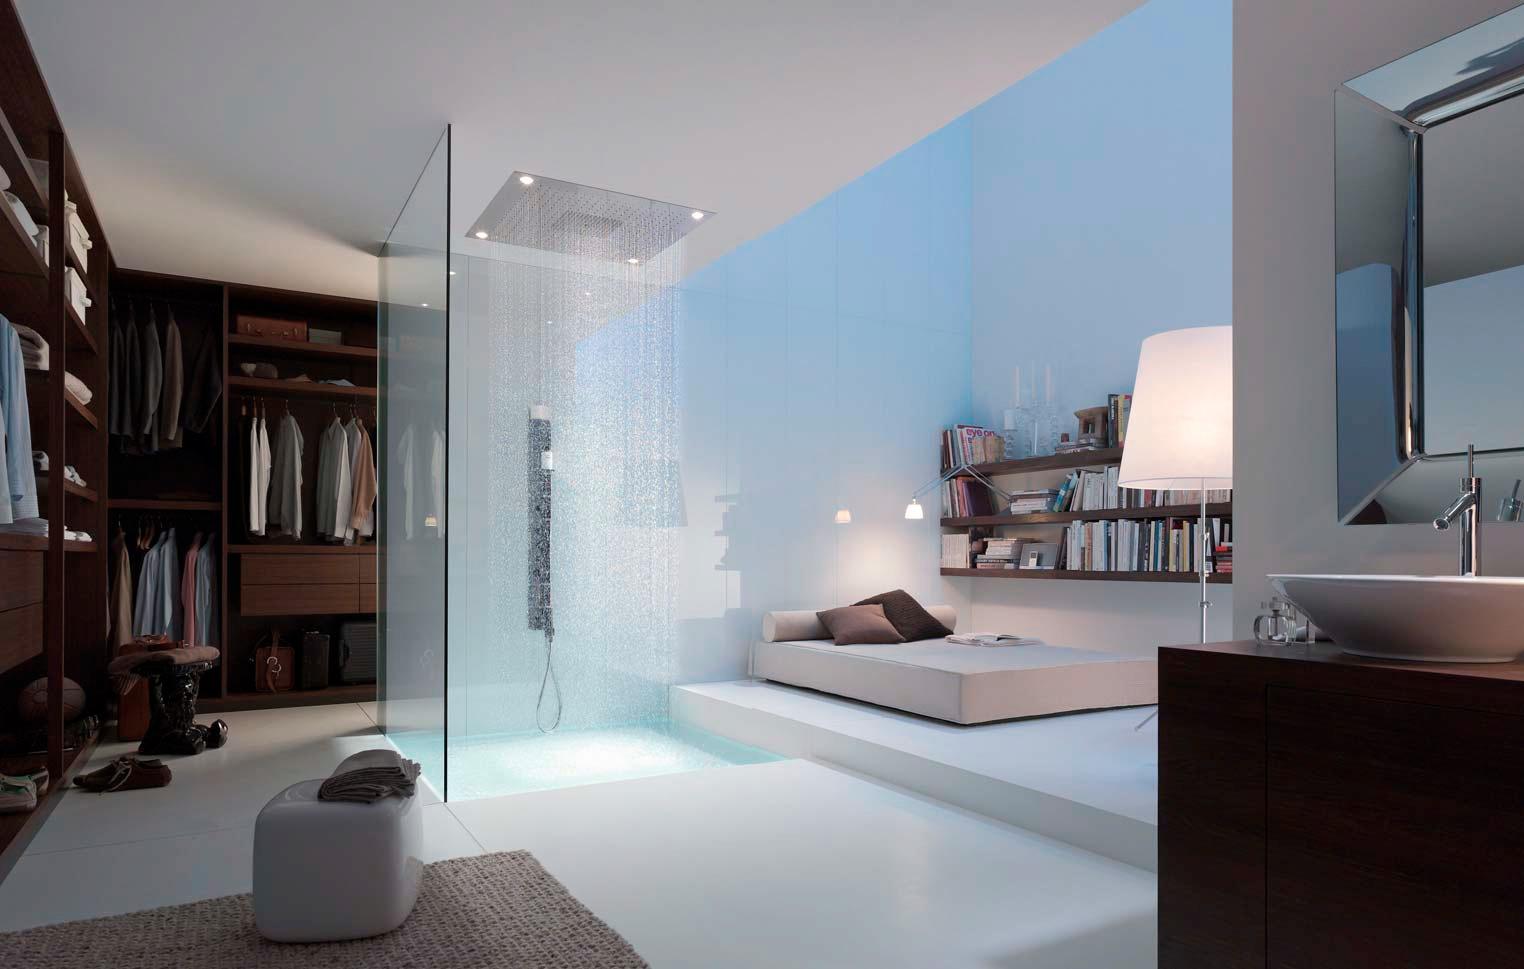 philipe starck ensuite bathroom dressing room interior design ideas rh home designing com